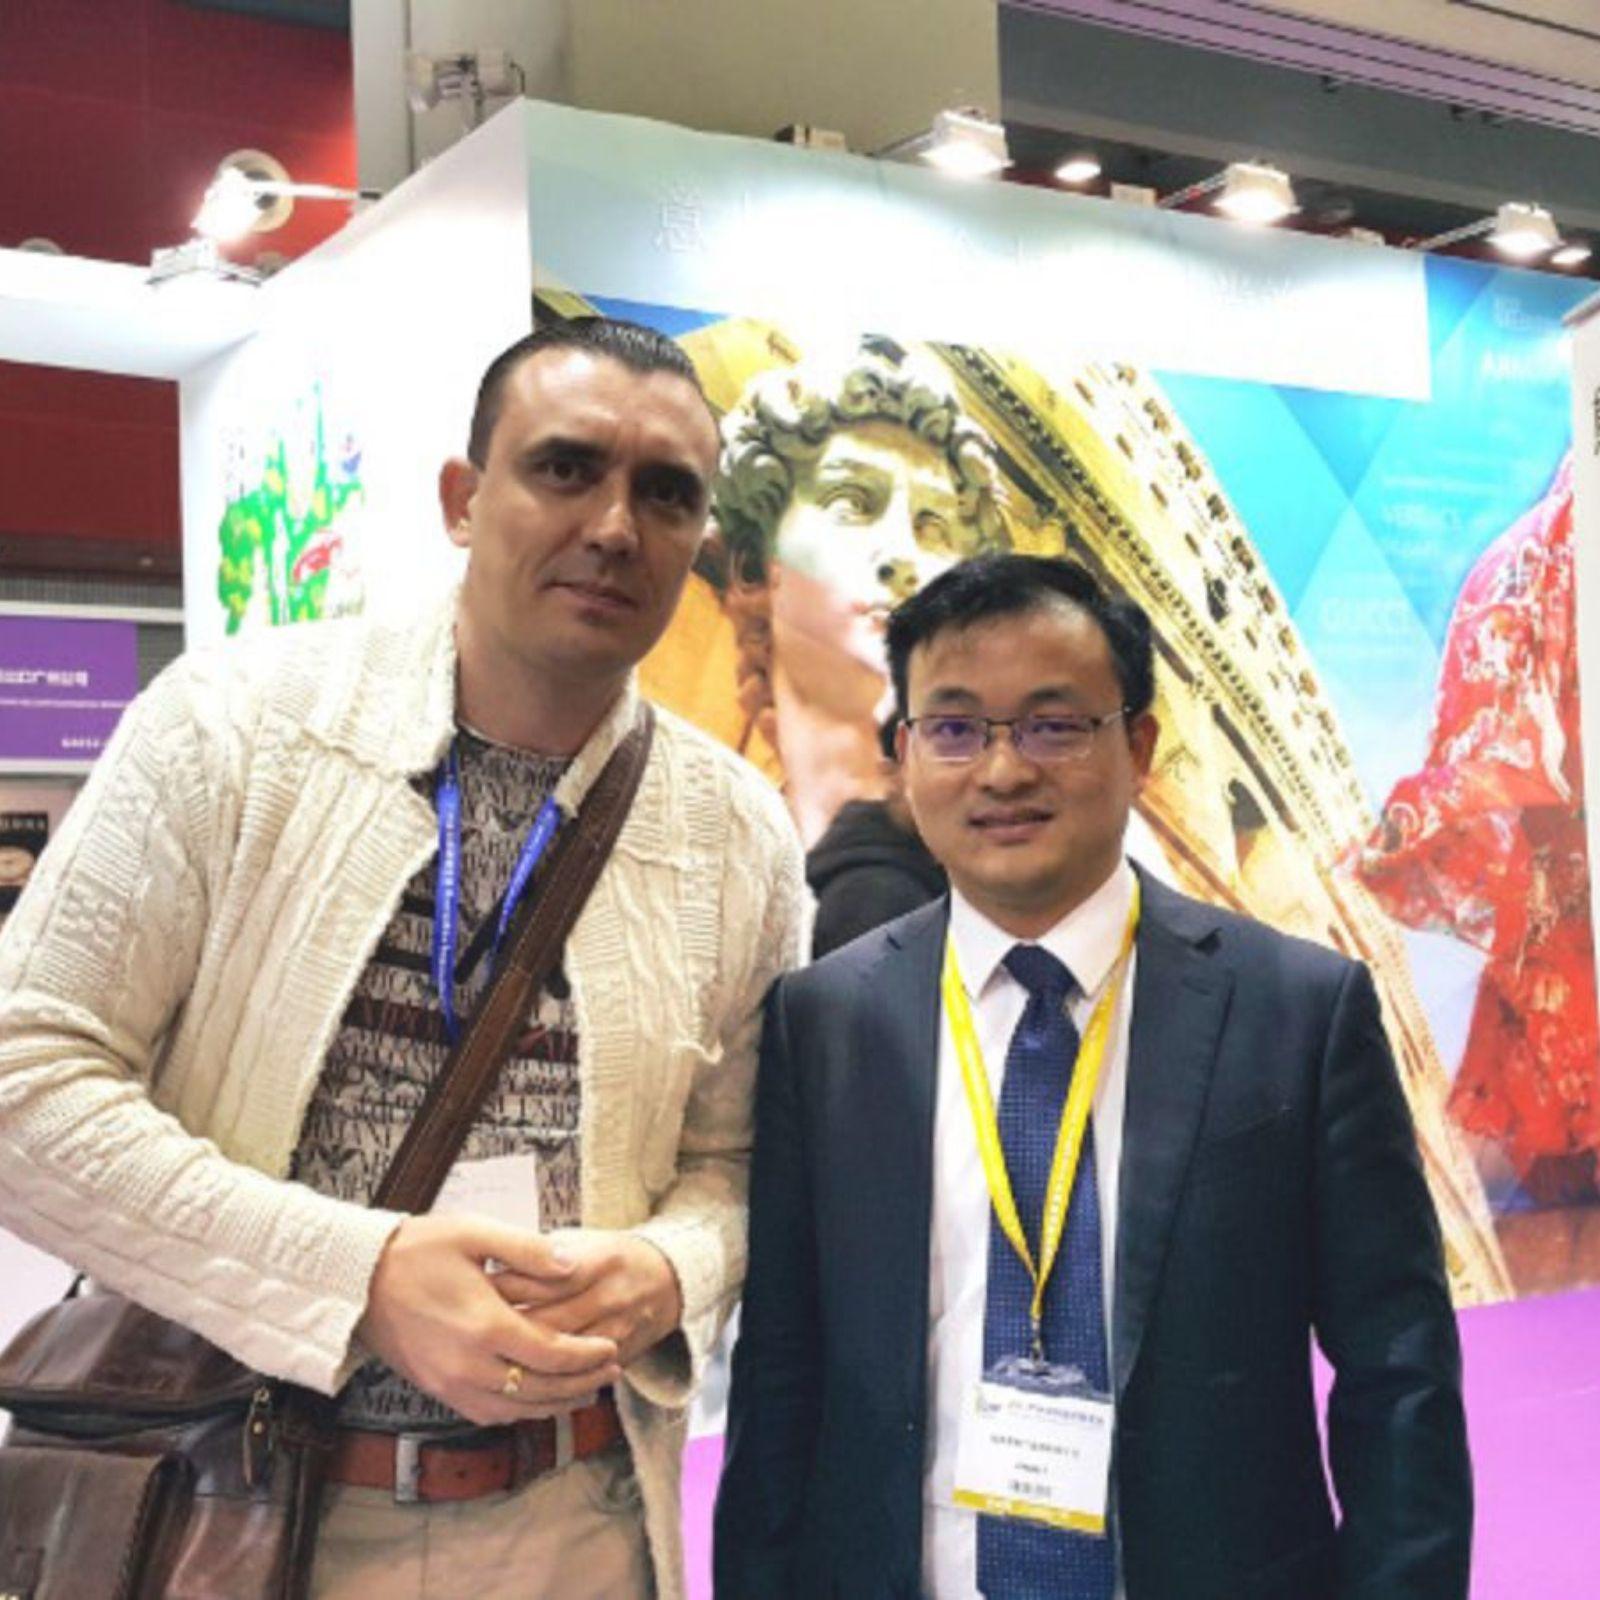 международная выставка туризма в гуанчжоу